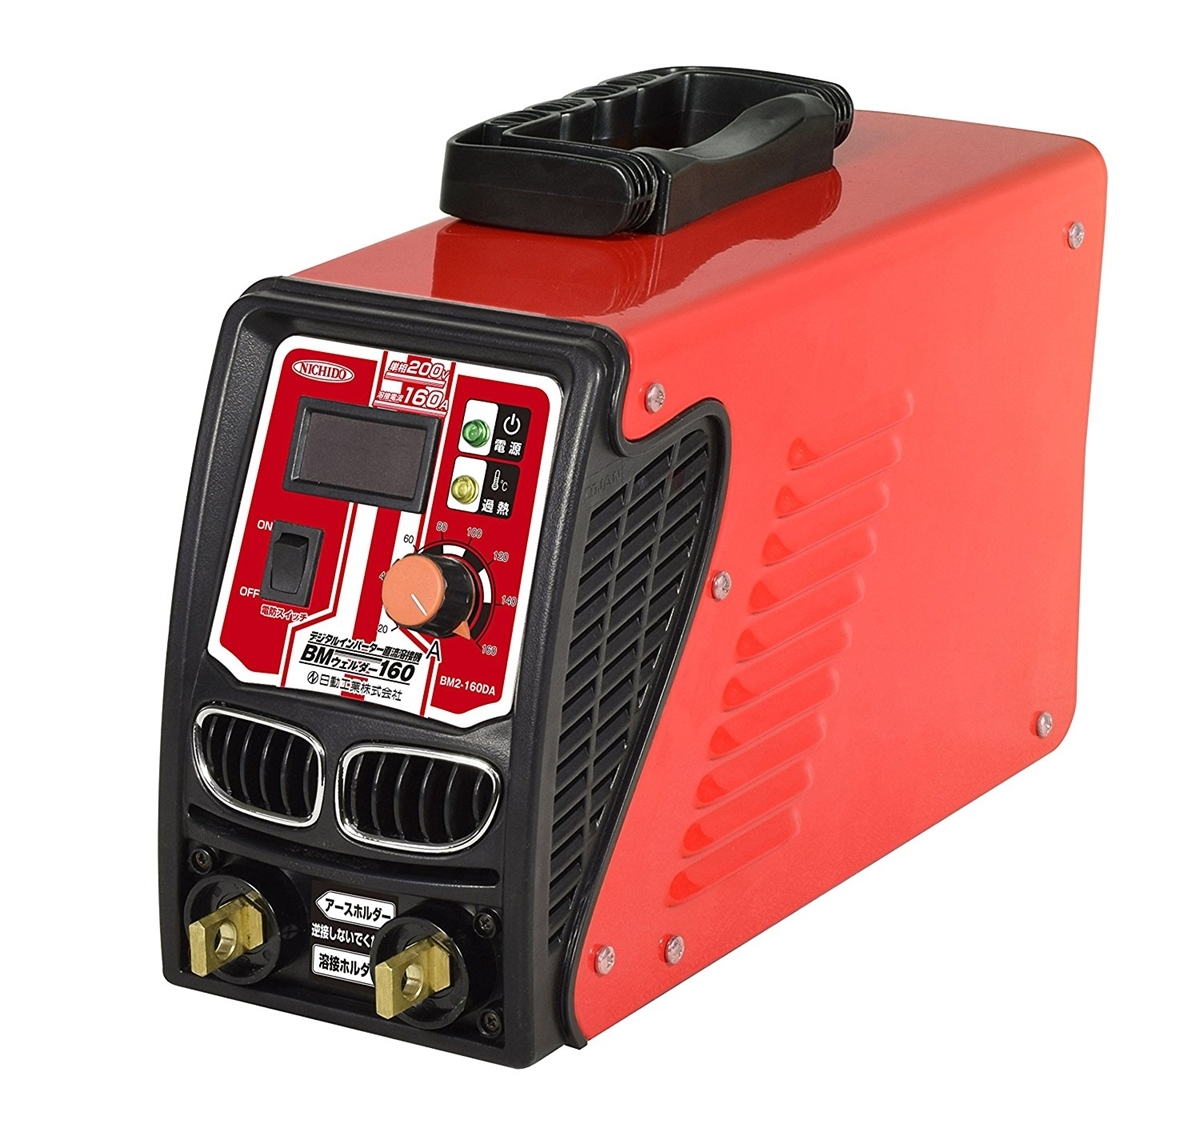 日動工業 デジタルインバーター直流溶接機 単相200V専用 BM2-160DA